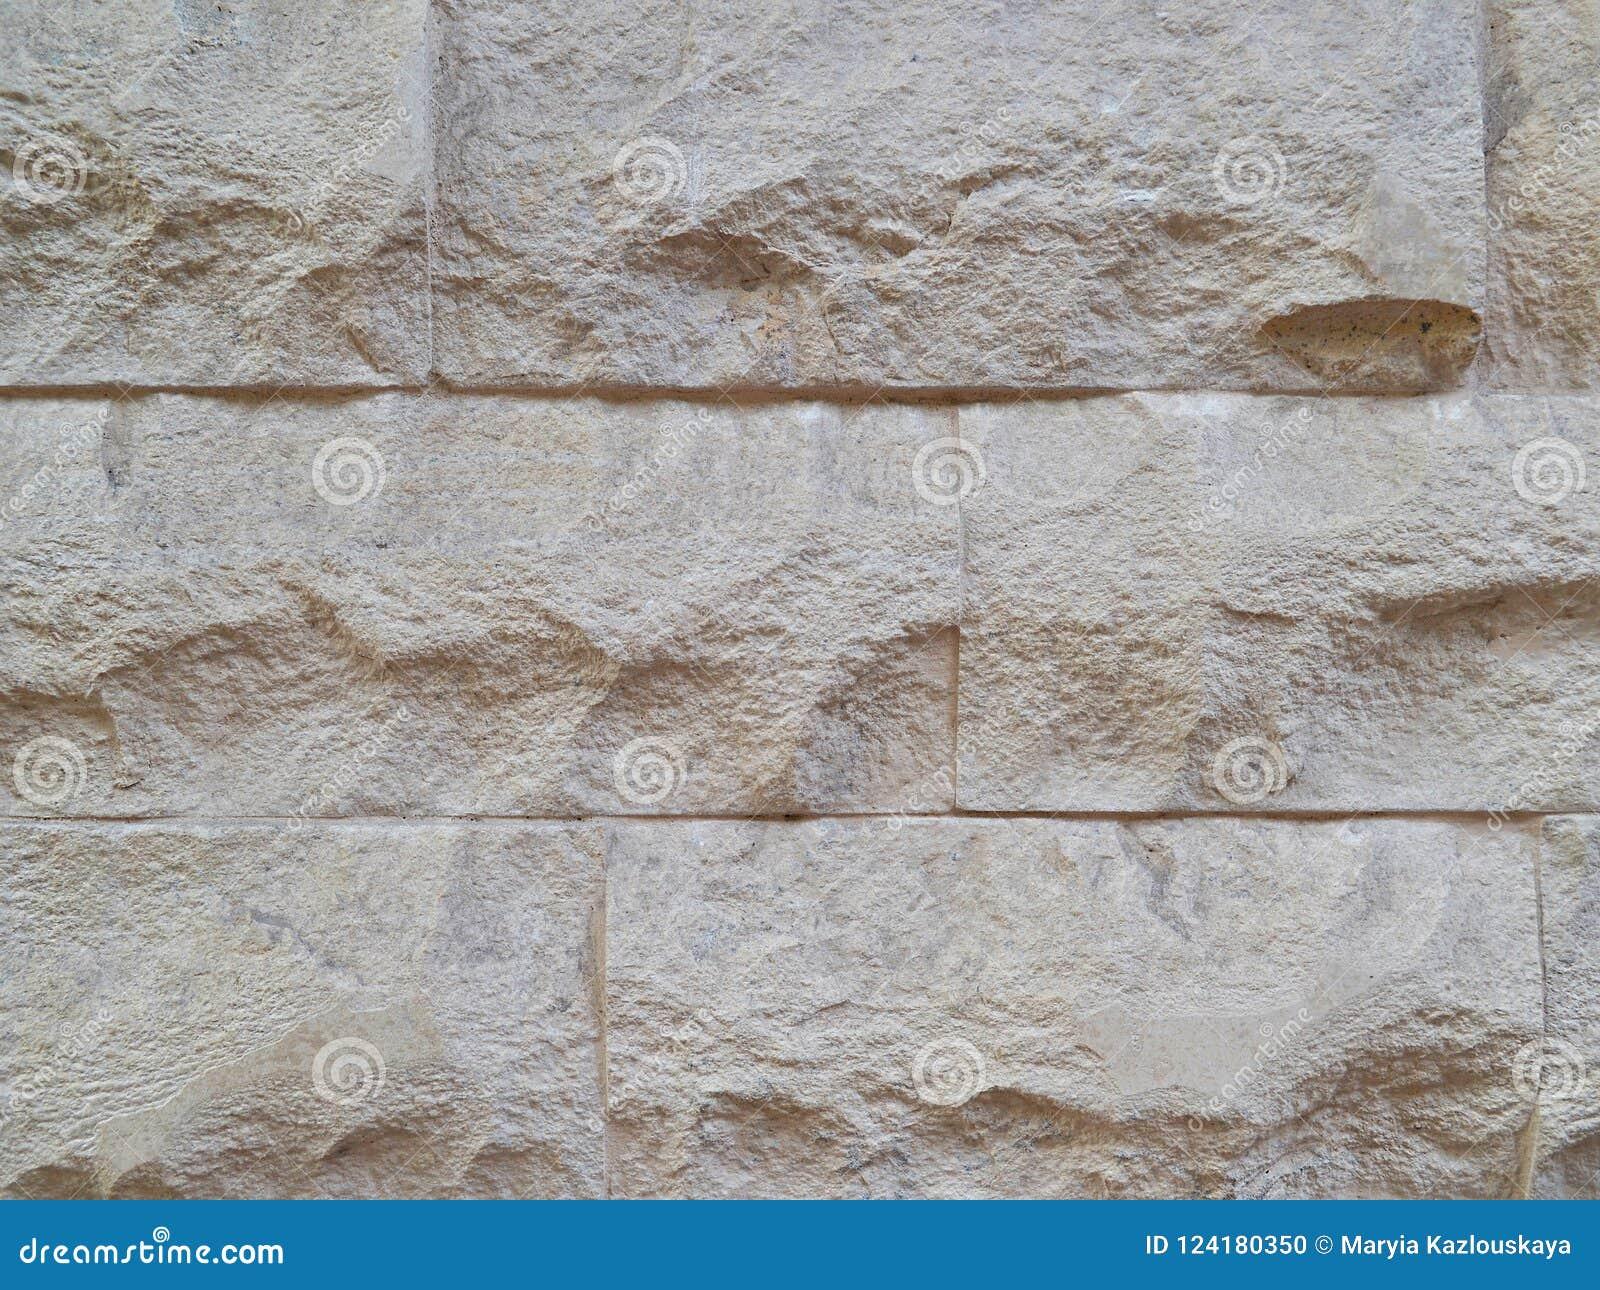 Mur décoratif, construit des dalles en pierre taillées de couleur beige